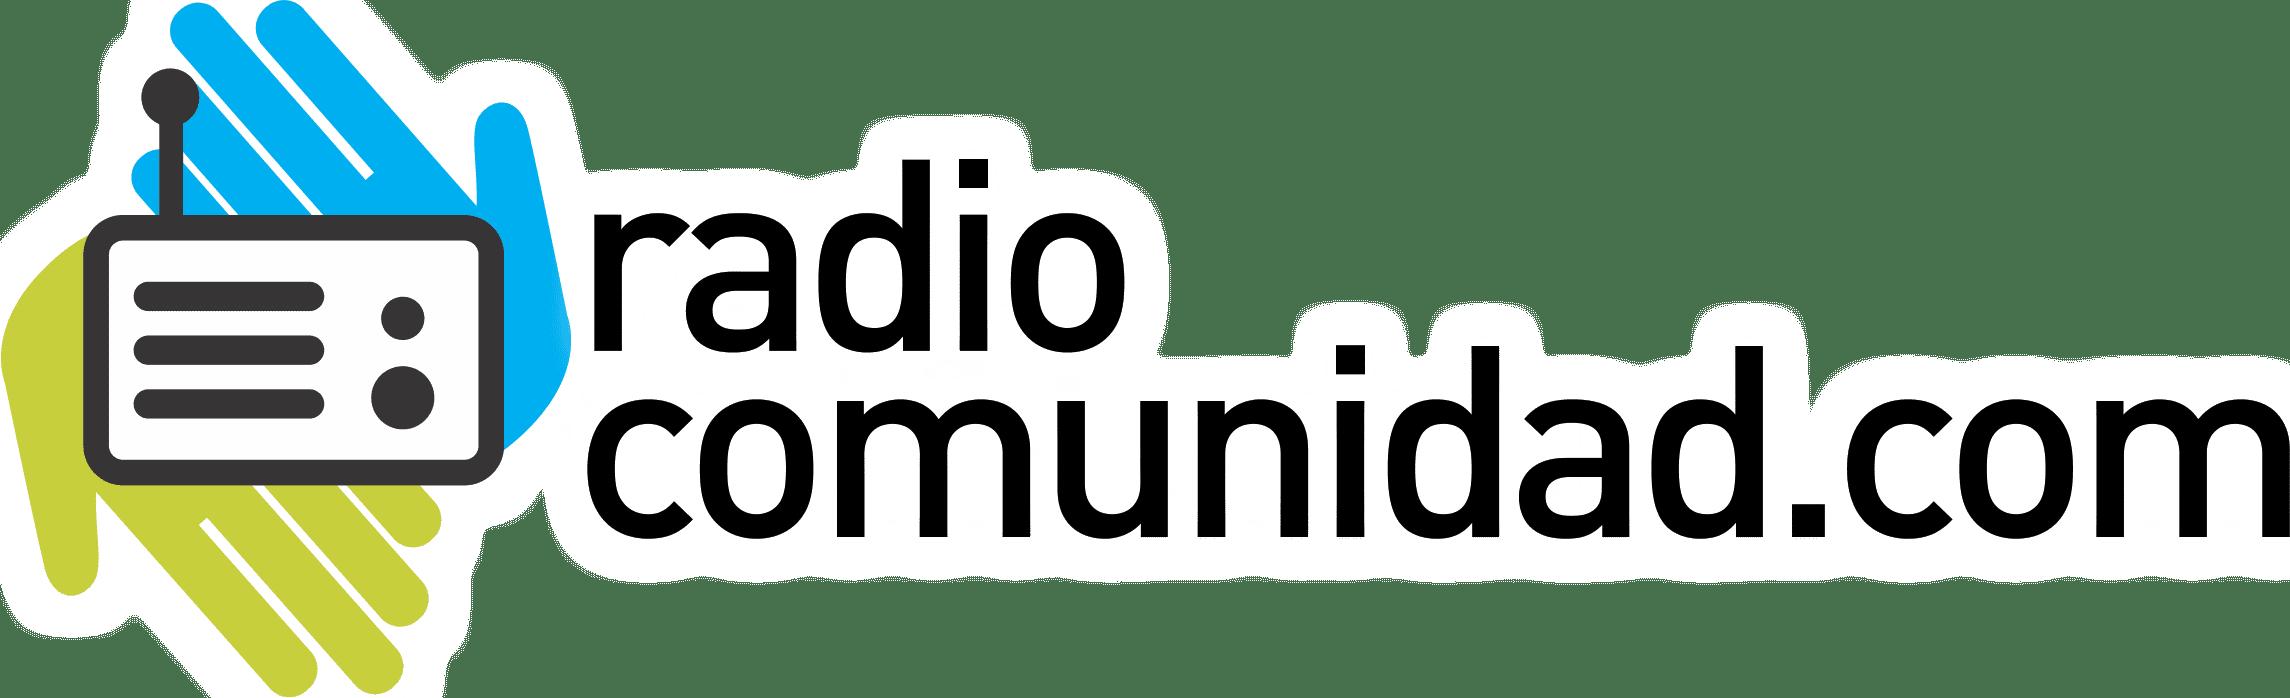 Radio Comunidad al día